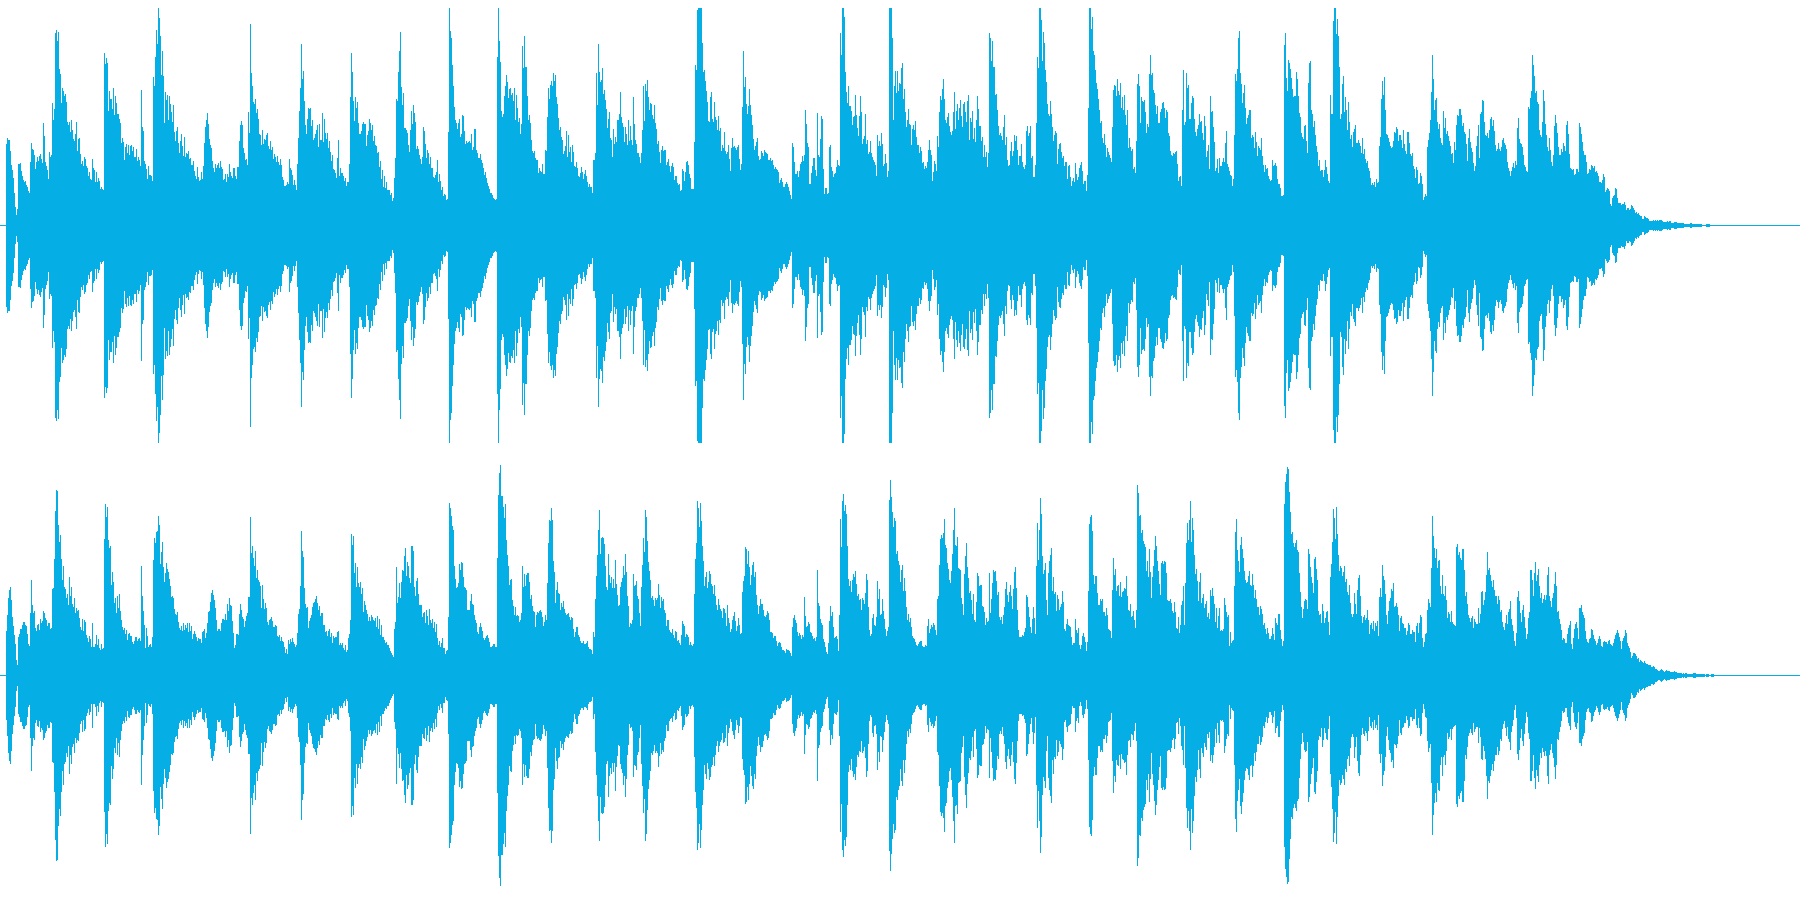 シンセによるシンプルなBGMの再生済みの波形